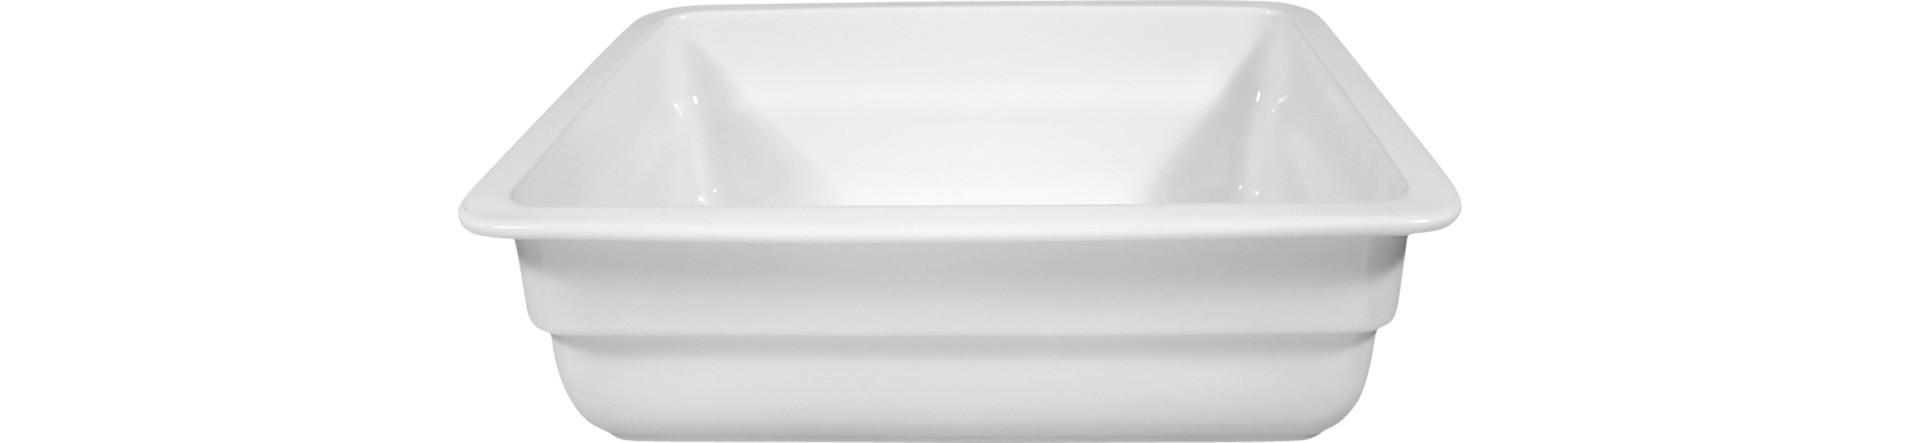 Buffet Gourmet, GN-Behälter GN 1/2 325 x 265 x 100 mm / 5,50 l